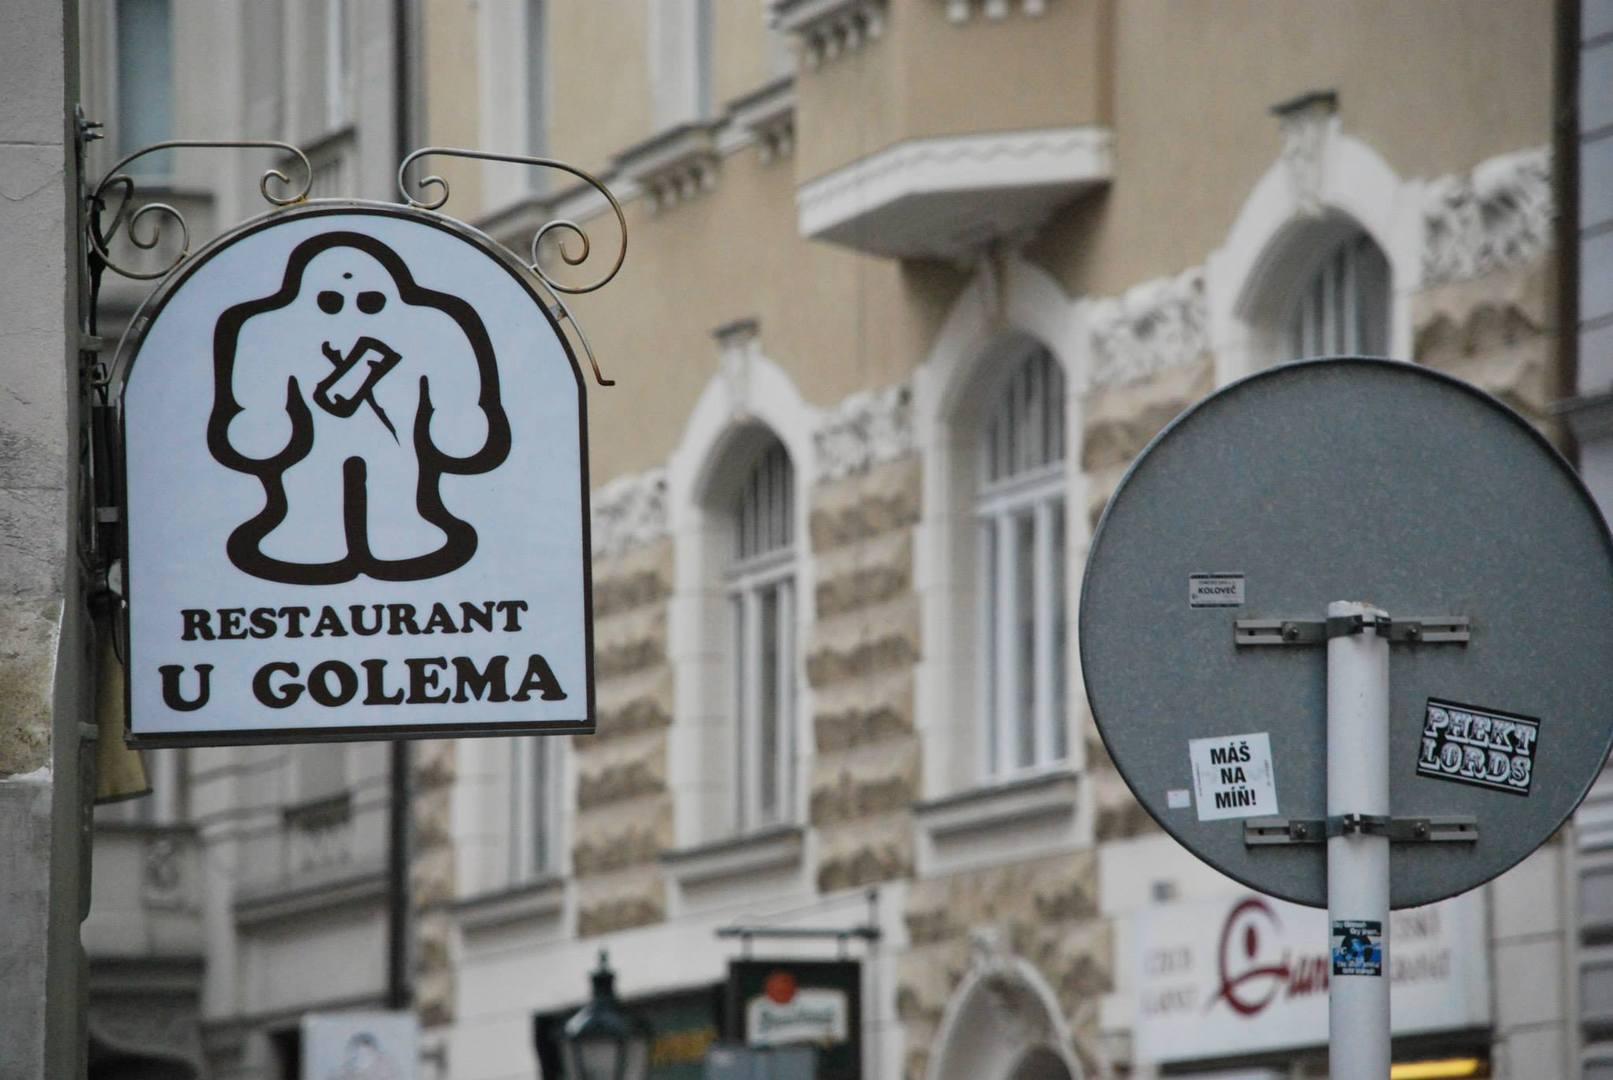 שלט רחוב עם ציור של הגולם מפראג